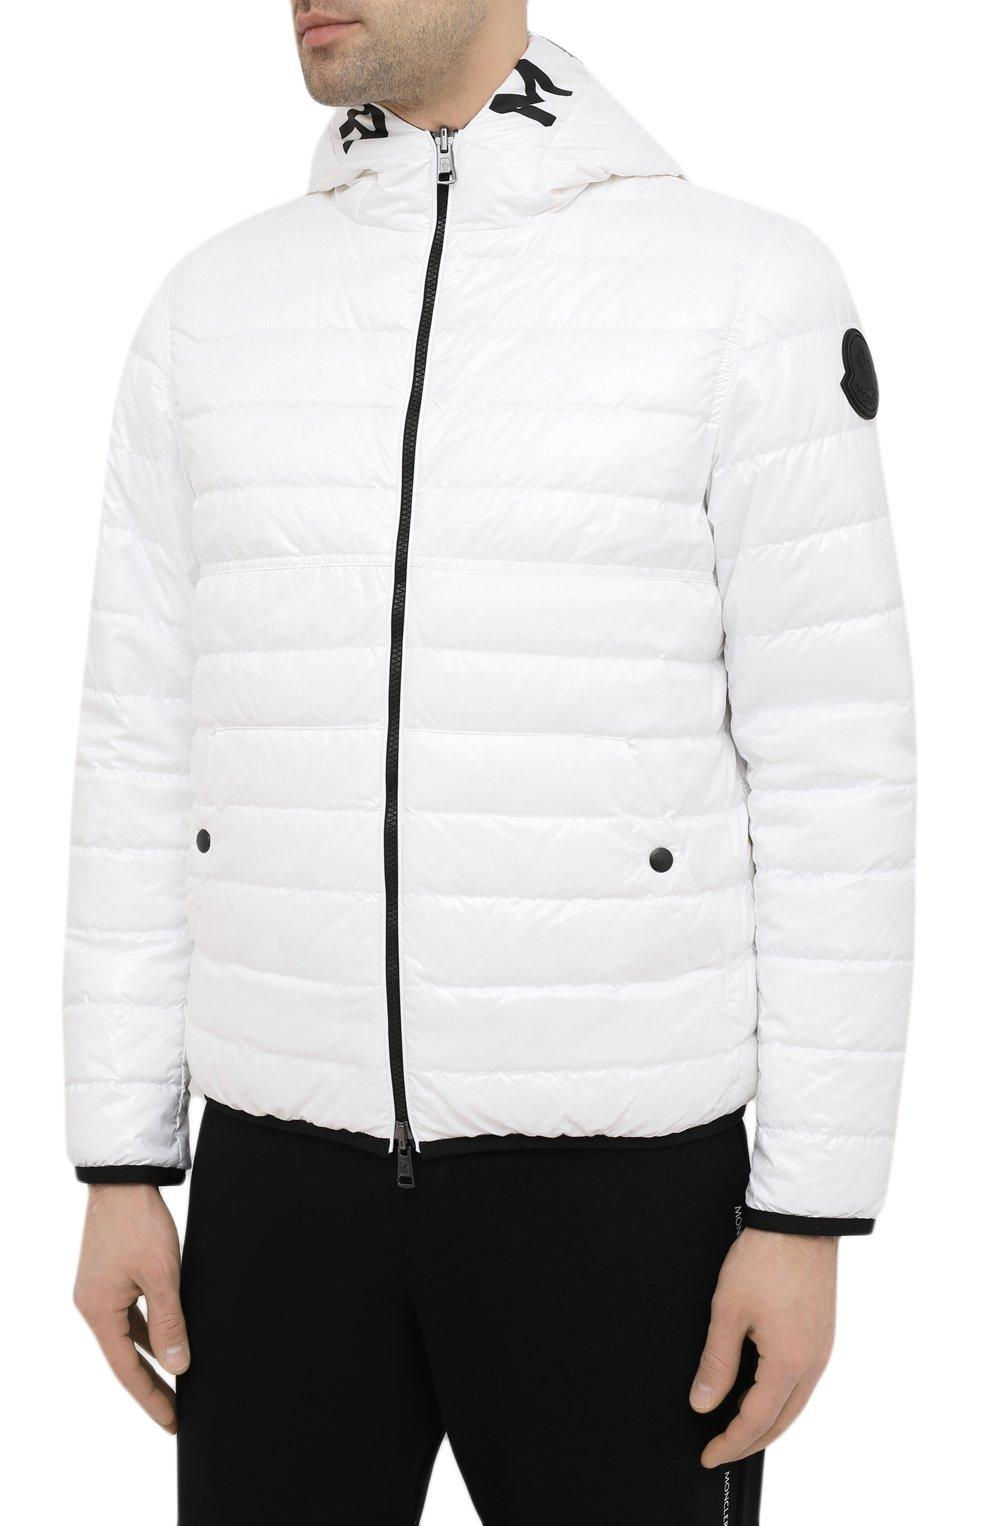 Мужская двусторонняя пуховая куртка krim MONCLER белого цвета, арт. G1-091-1A52N-70-68950   Фото 3 (Кросс-КТ: Куртка; Мужское Кросс-КТ: пуховик-короткий; Рукава: Длинные; Материал внешний: Синтетический материал; Принт: С принтом; Материал подклада: Синтетический материал; Длина (верхняя одежда): Короткие; Материал утеплителя: Пух и перо; Стили: Кэжуэл)